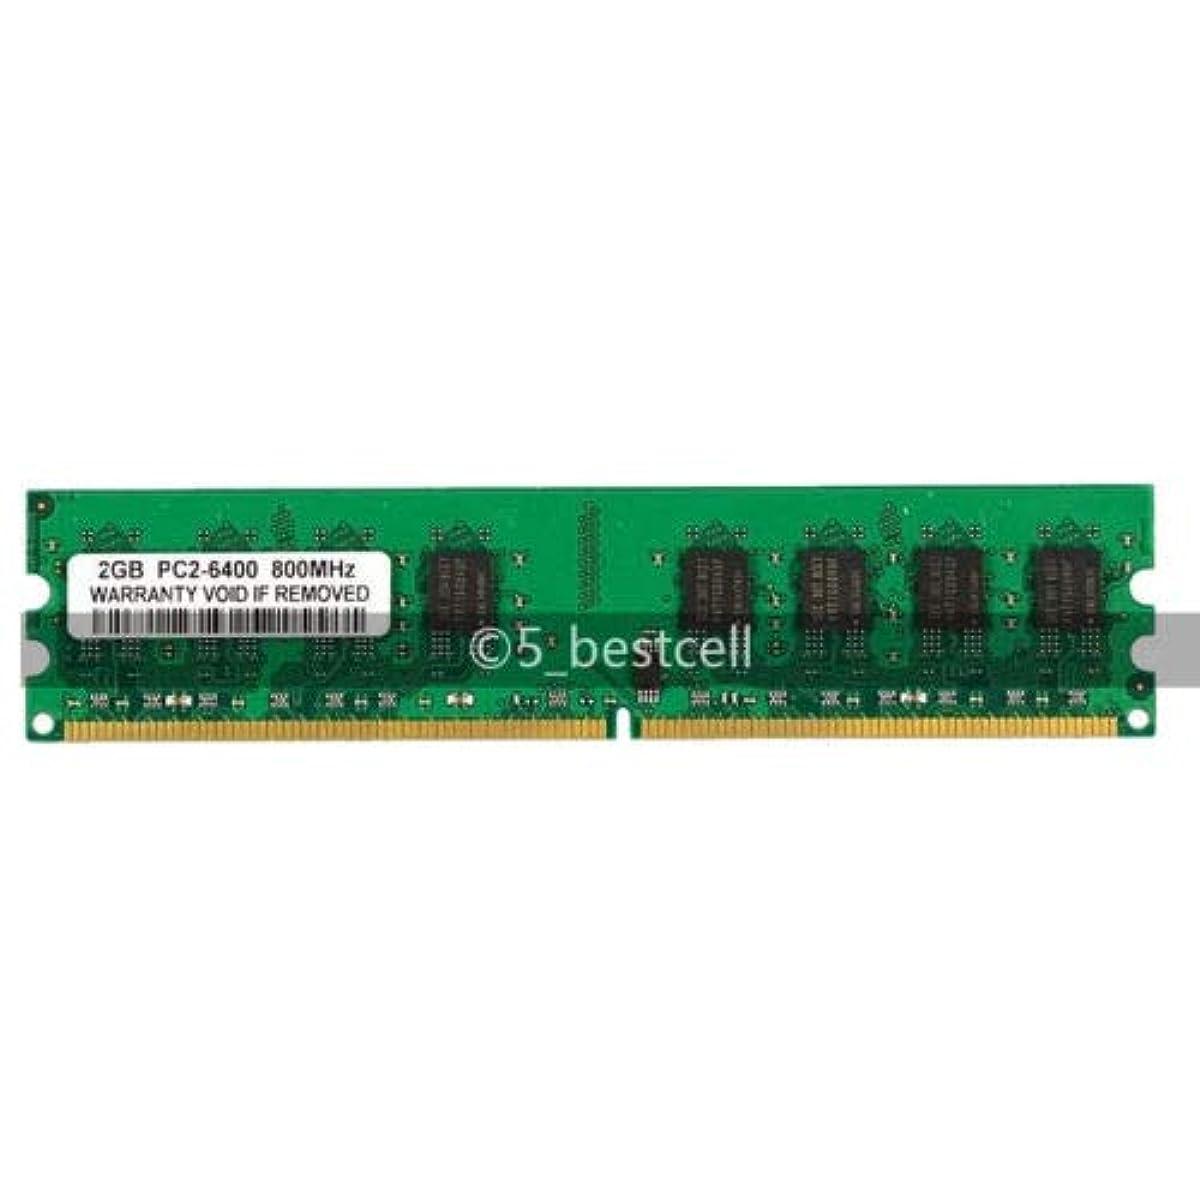 FidgetGear lot 2GB/4GB/8GB DDR2/DDR3 667MHz/800MHz/1333MHz 240pin Desktop DIMM Memory Ram 2GB 800mhz DDR2 800MHz (PC2-6400)